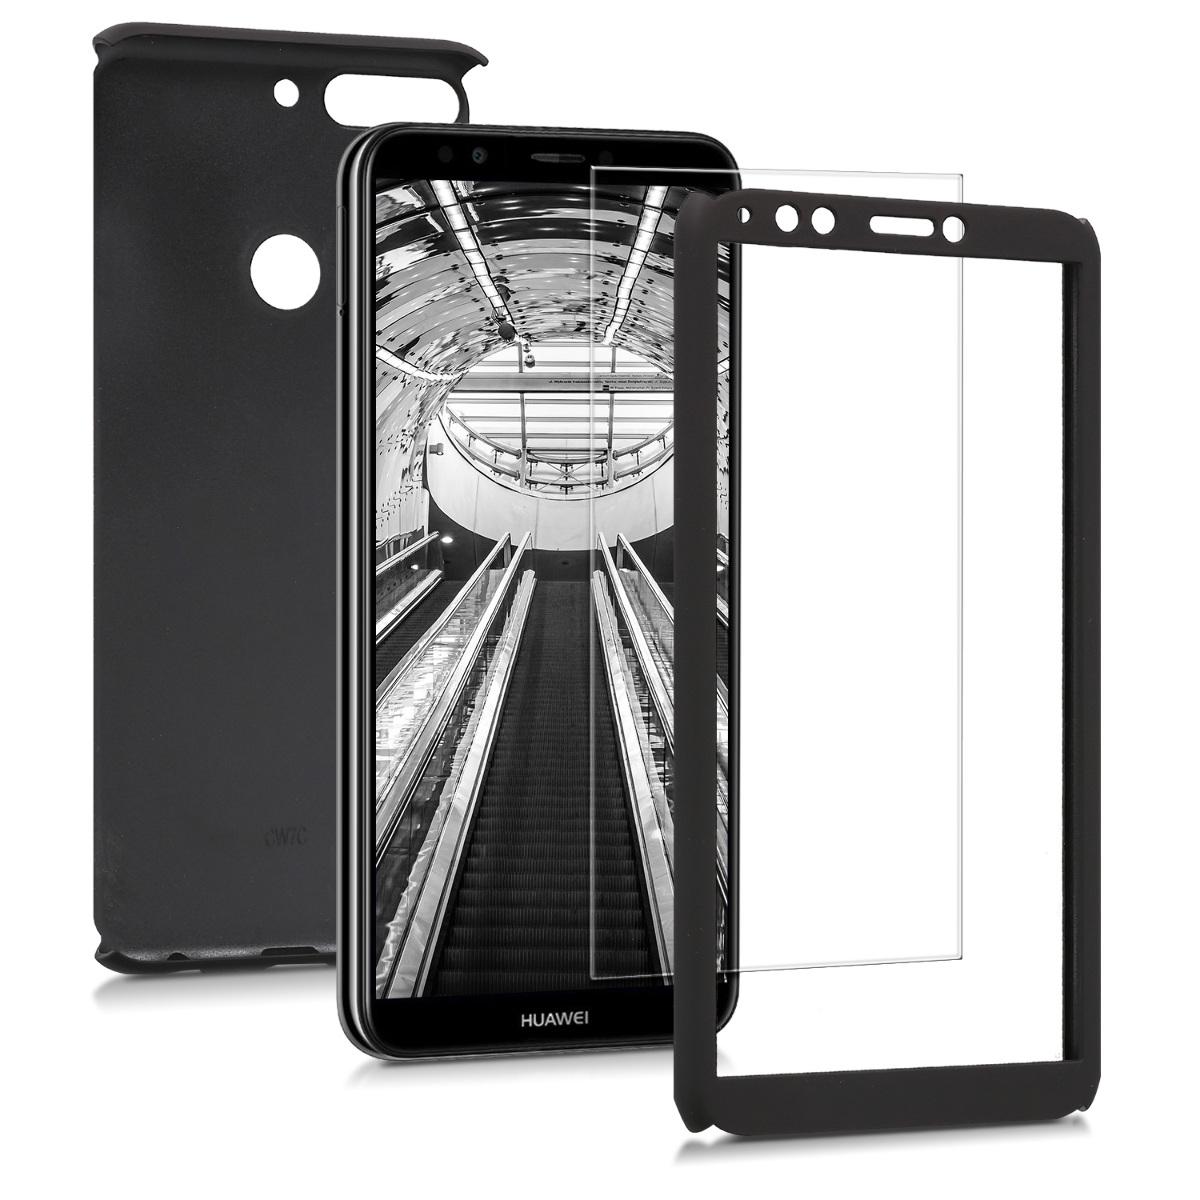 KW Θήκη Full Body για Huawei Y7 / Y7 Prime 2018 & Tempered Glass - Metallic Black (45640.68)